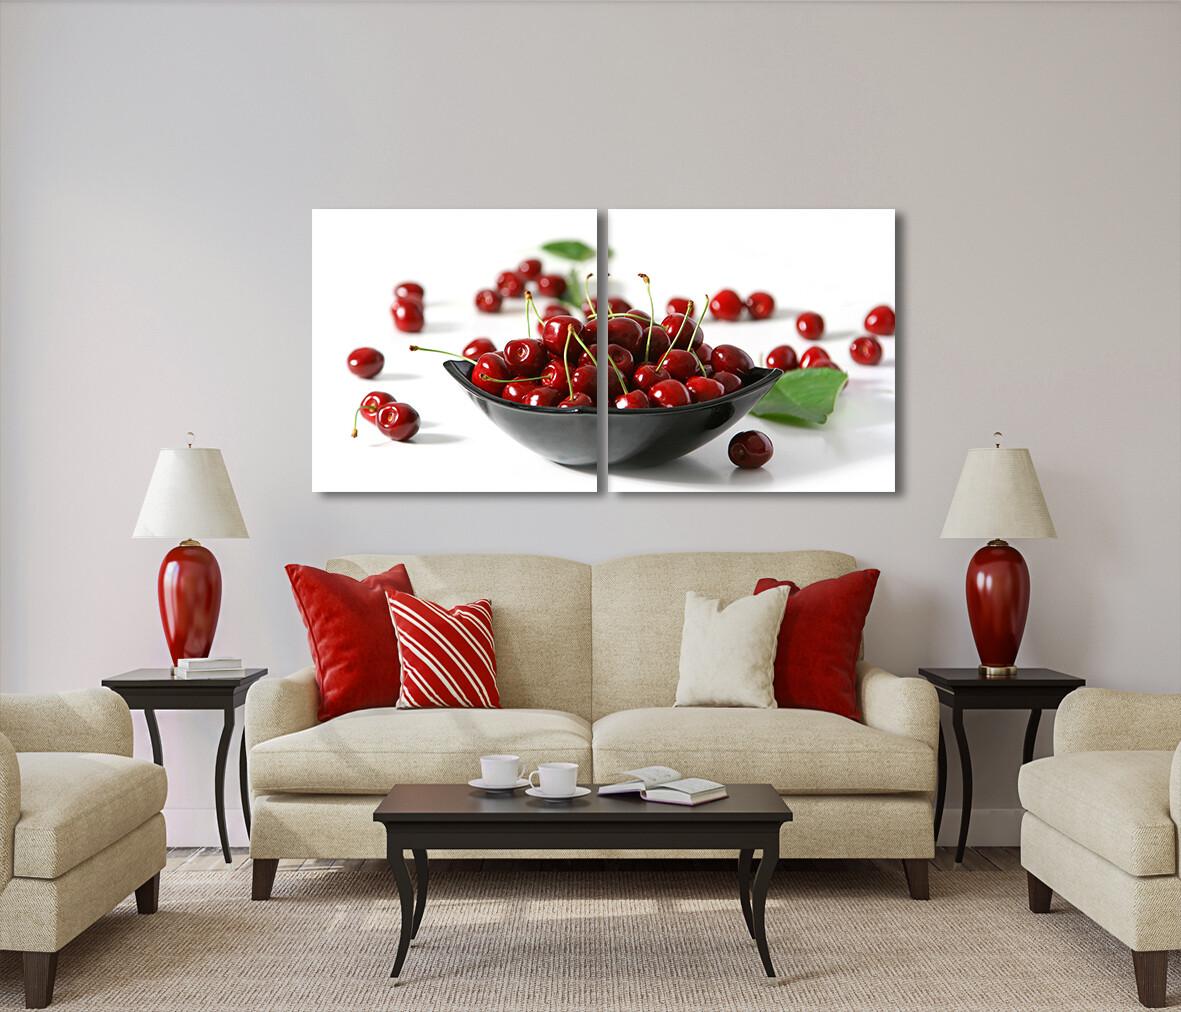 Dish of Red Cherries